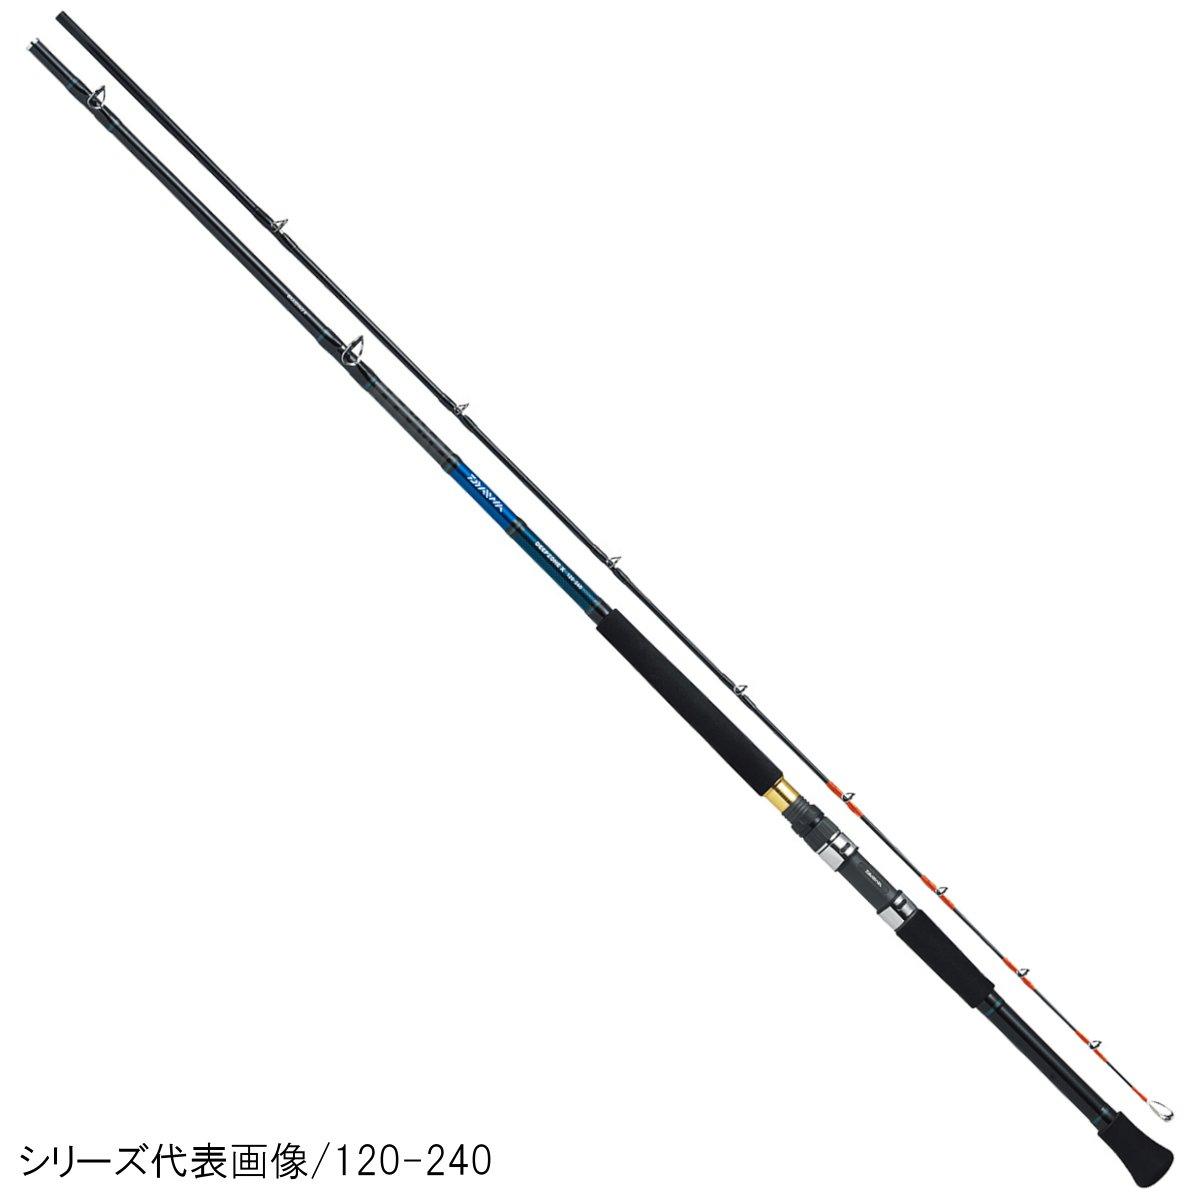 ダイワ ディープゾーン X 150-240